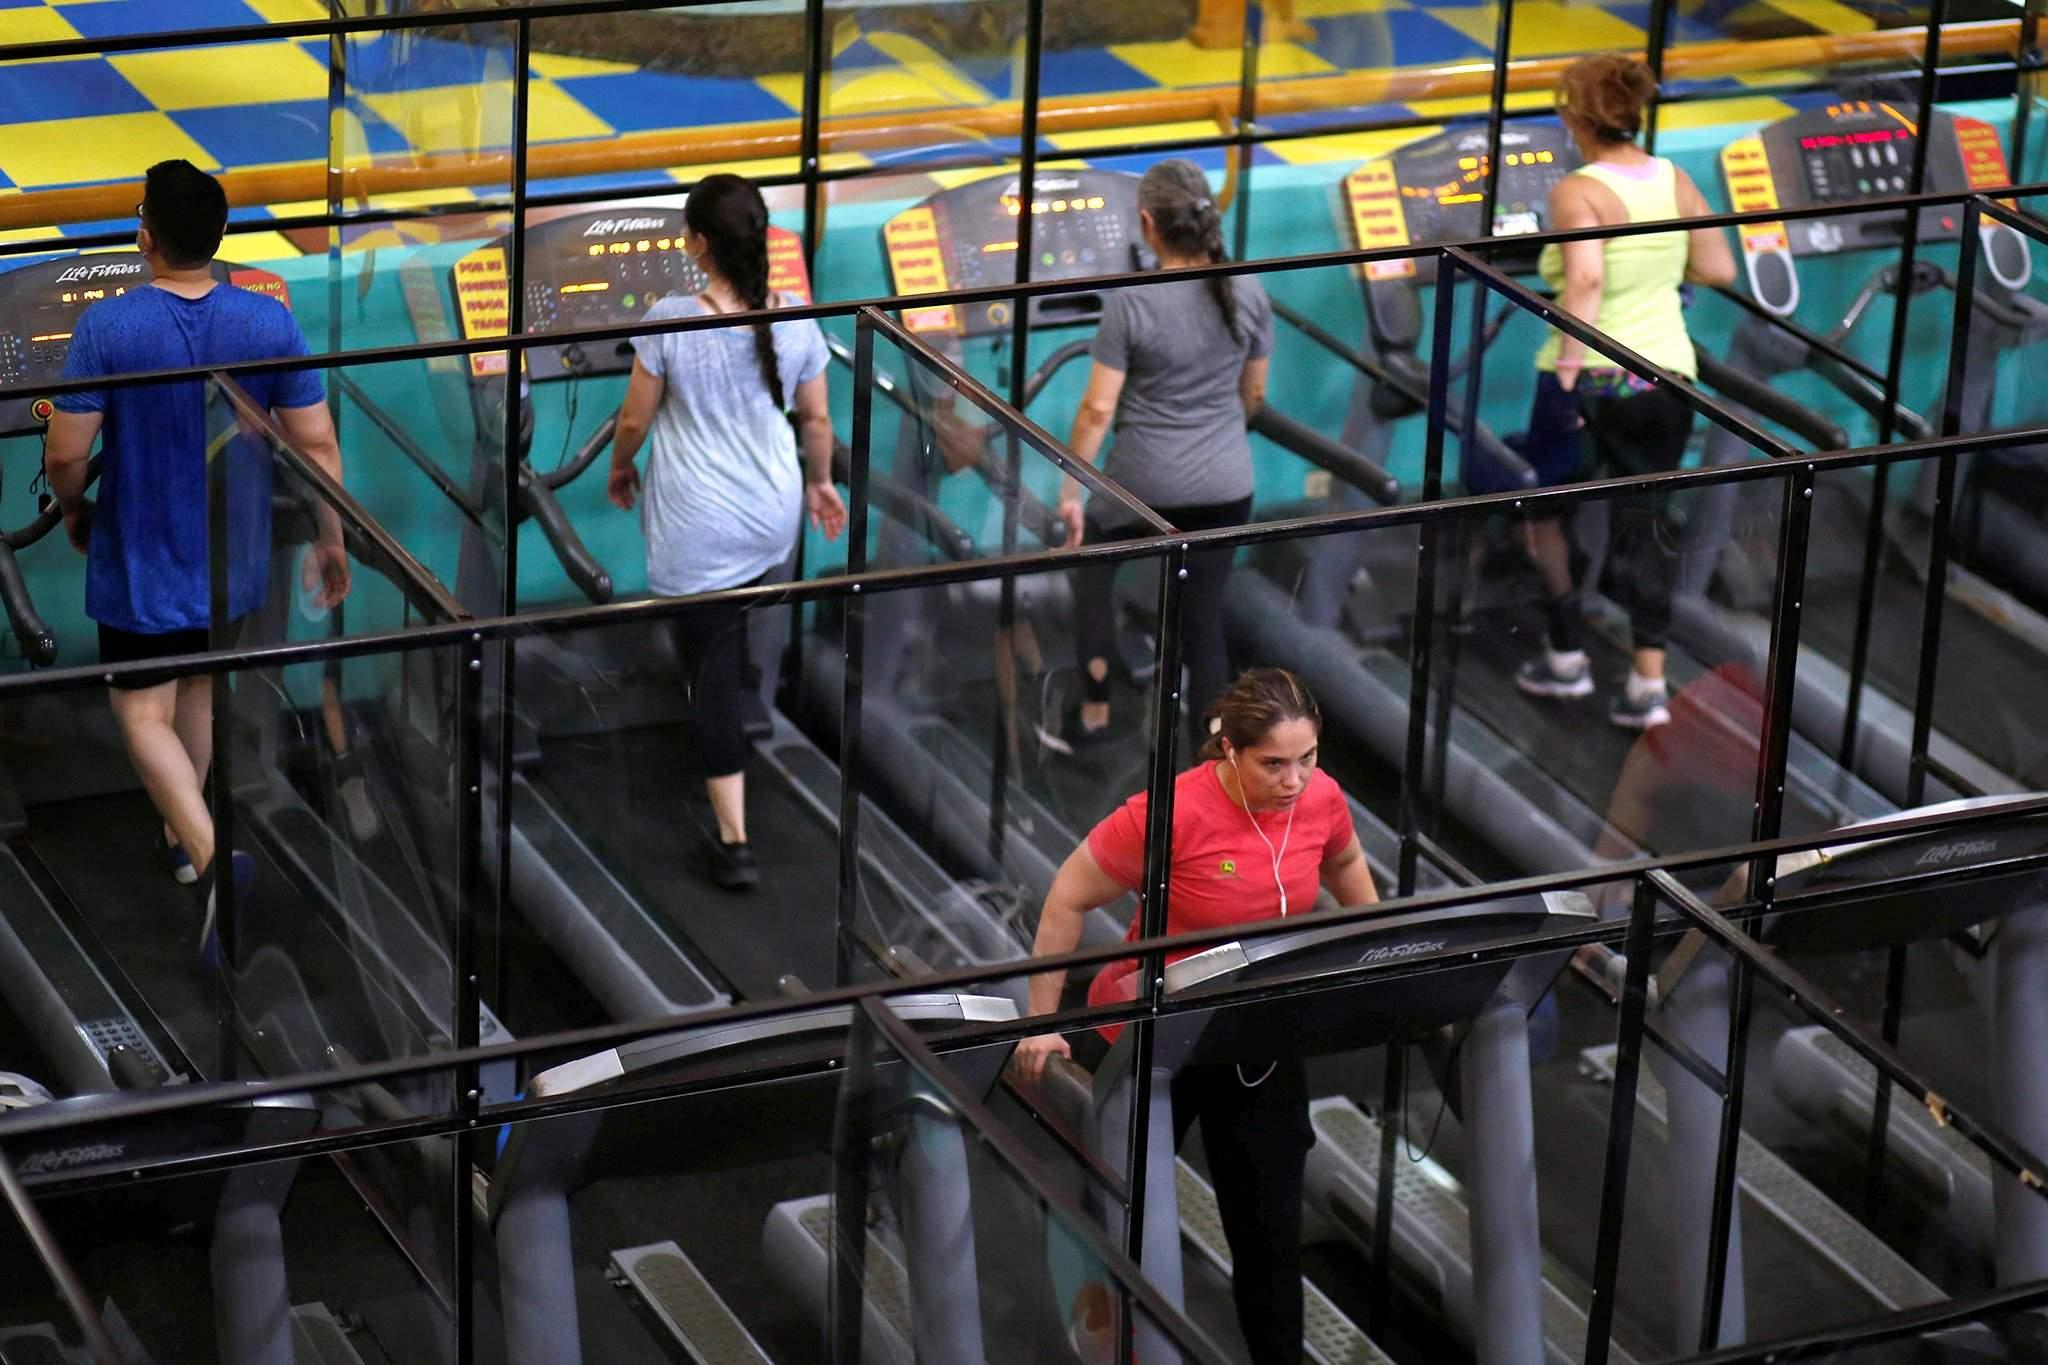 Сальвадорт таван сарын дараа фитнес клуб нээгдсэн. Аюулгүй дасгал хийх аргыг нэвтрүүлжээ.